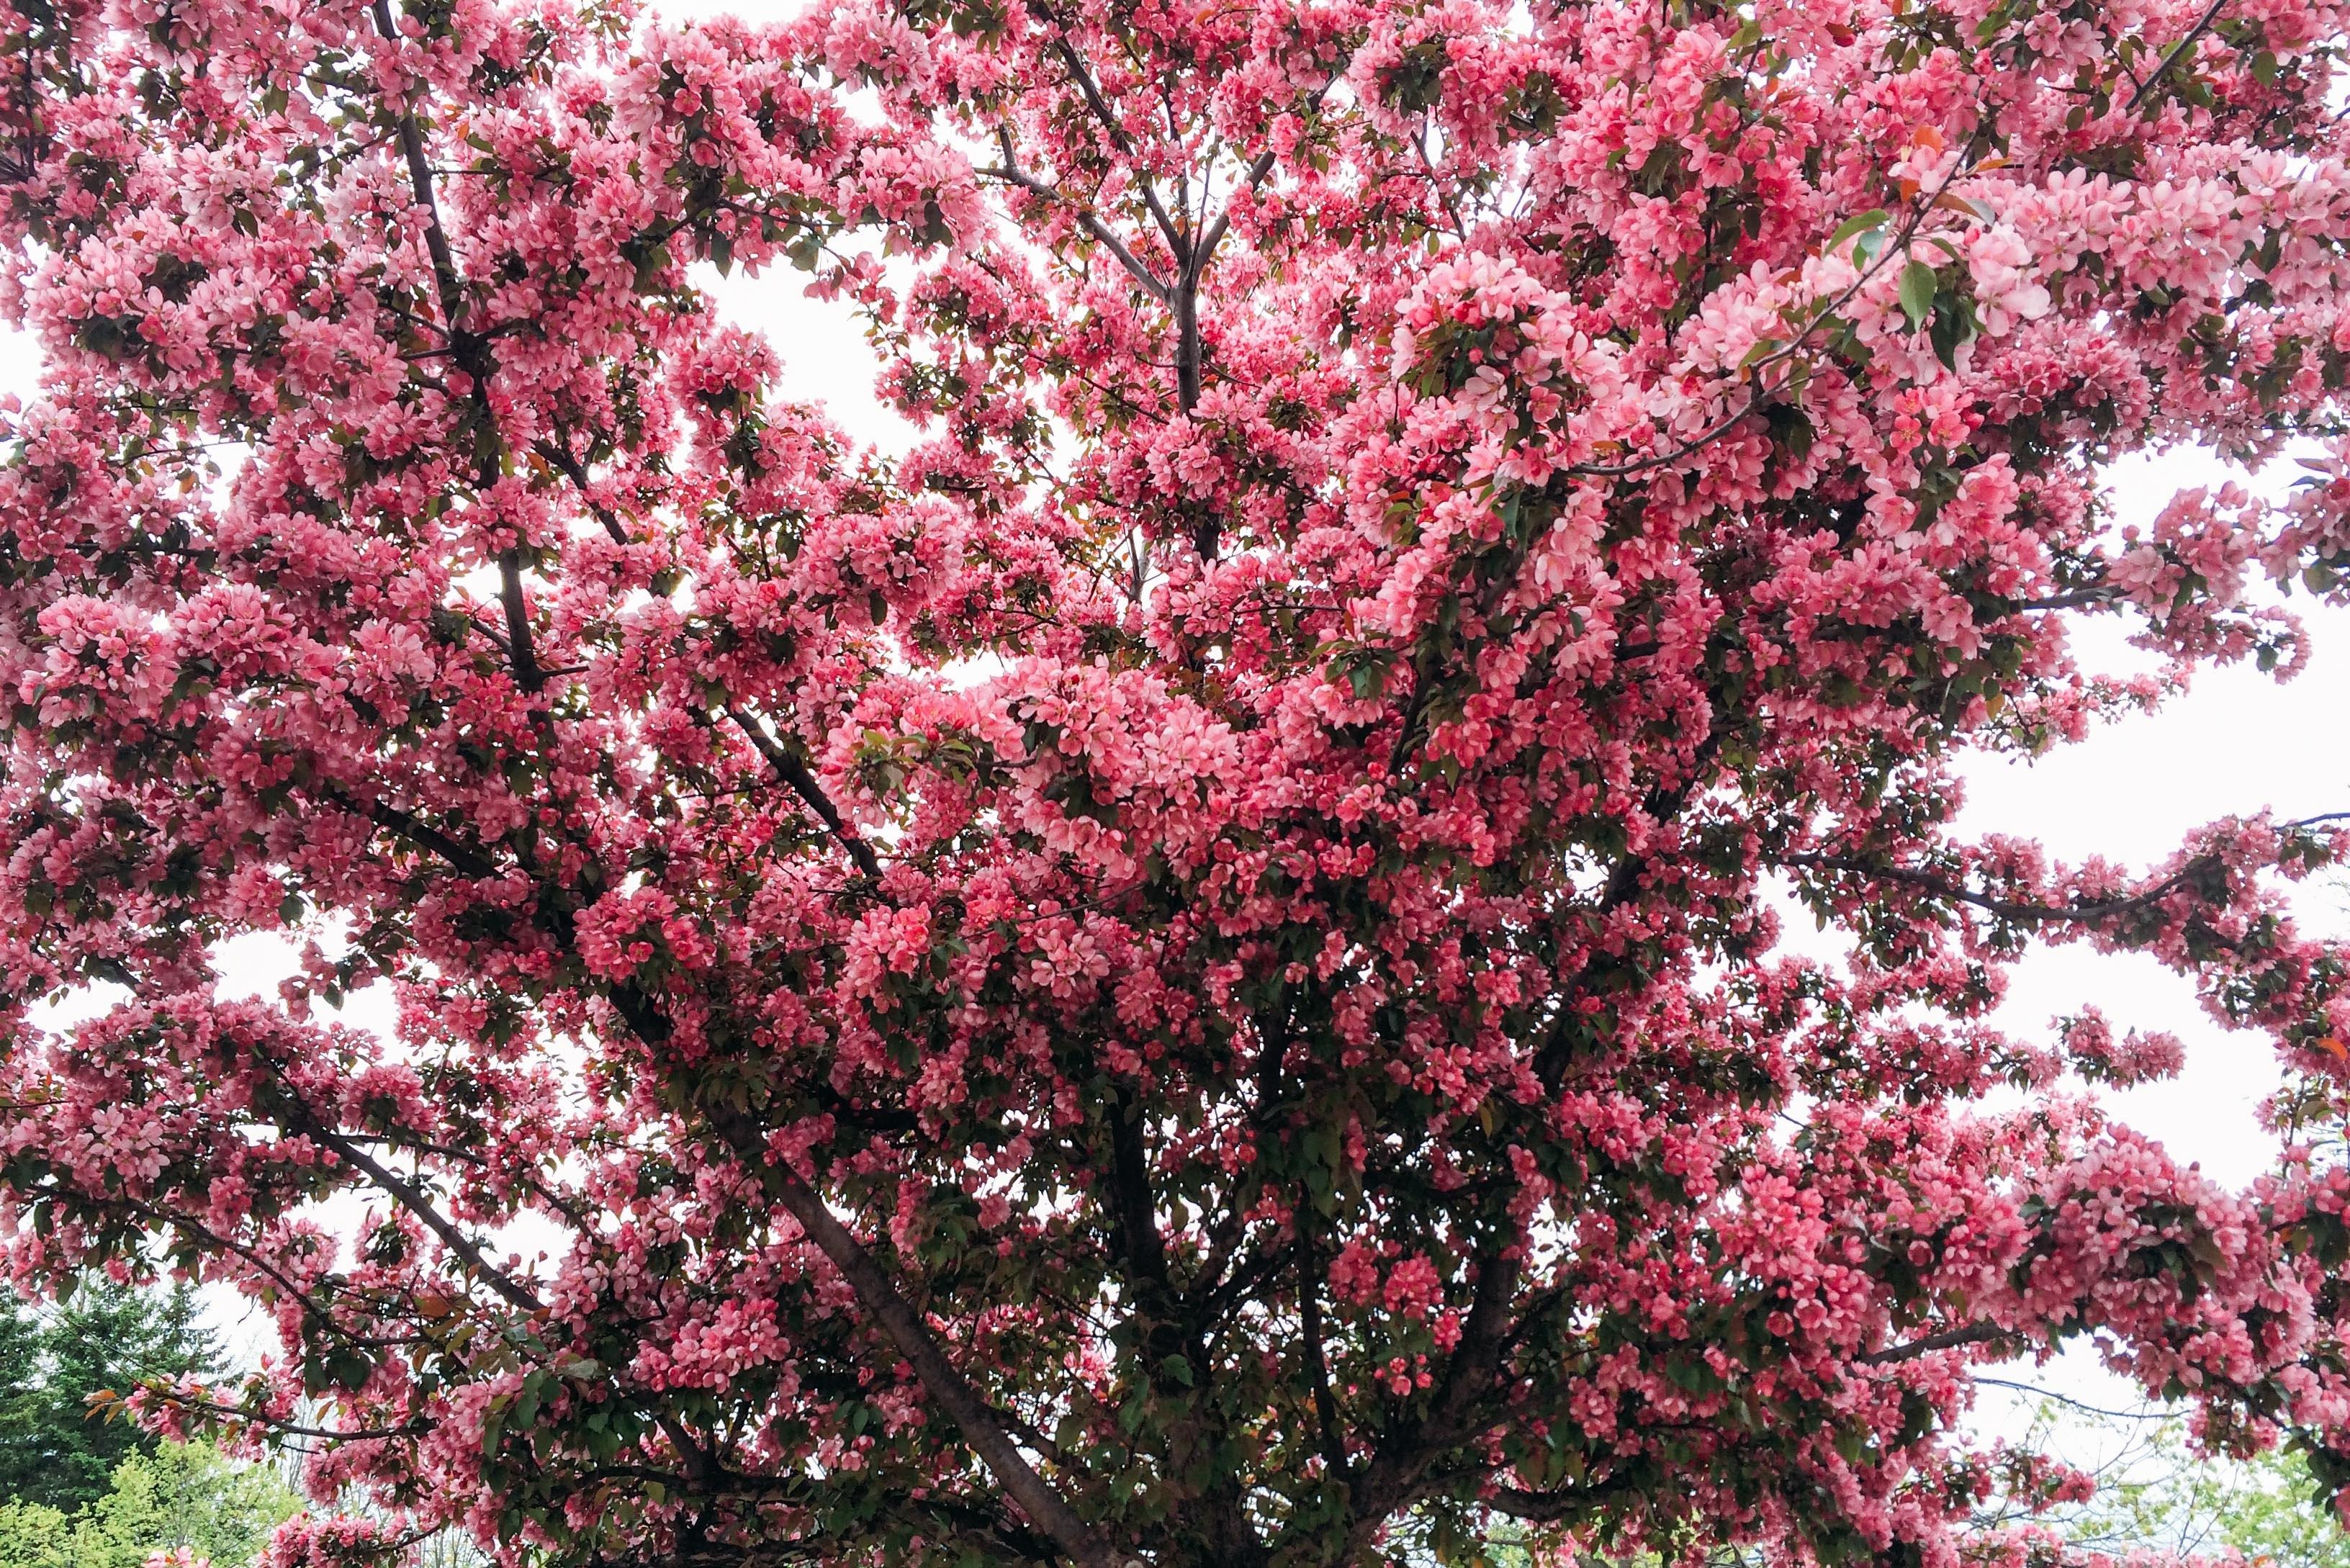 105062 скачать обои Вишня, Цветы, Дерево, Цветение, Весна - заставки и картинки бесплатно